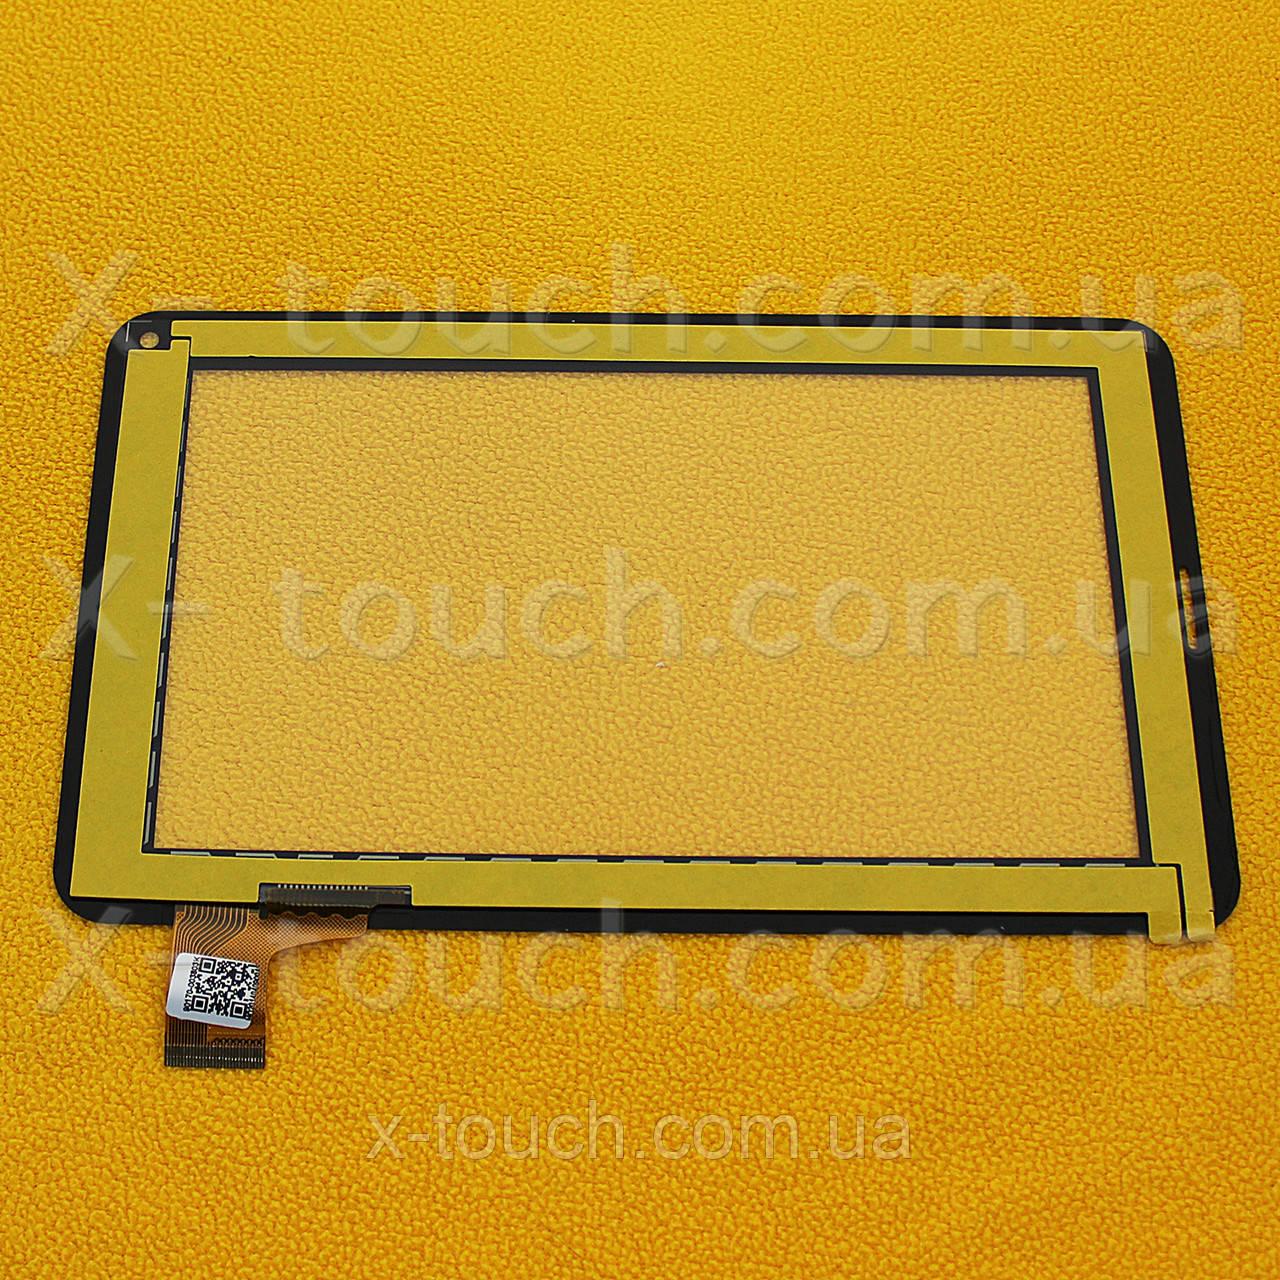 Тачскрин, сенсор  TYF1039v3  для планшета